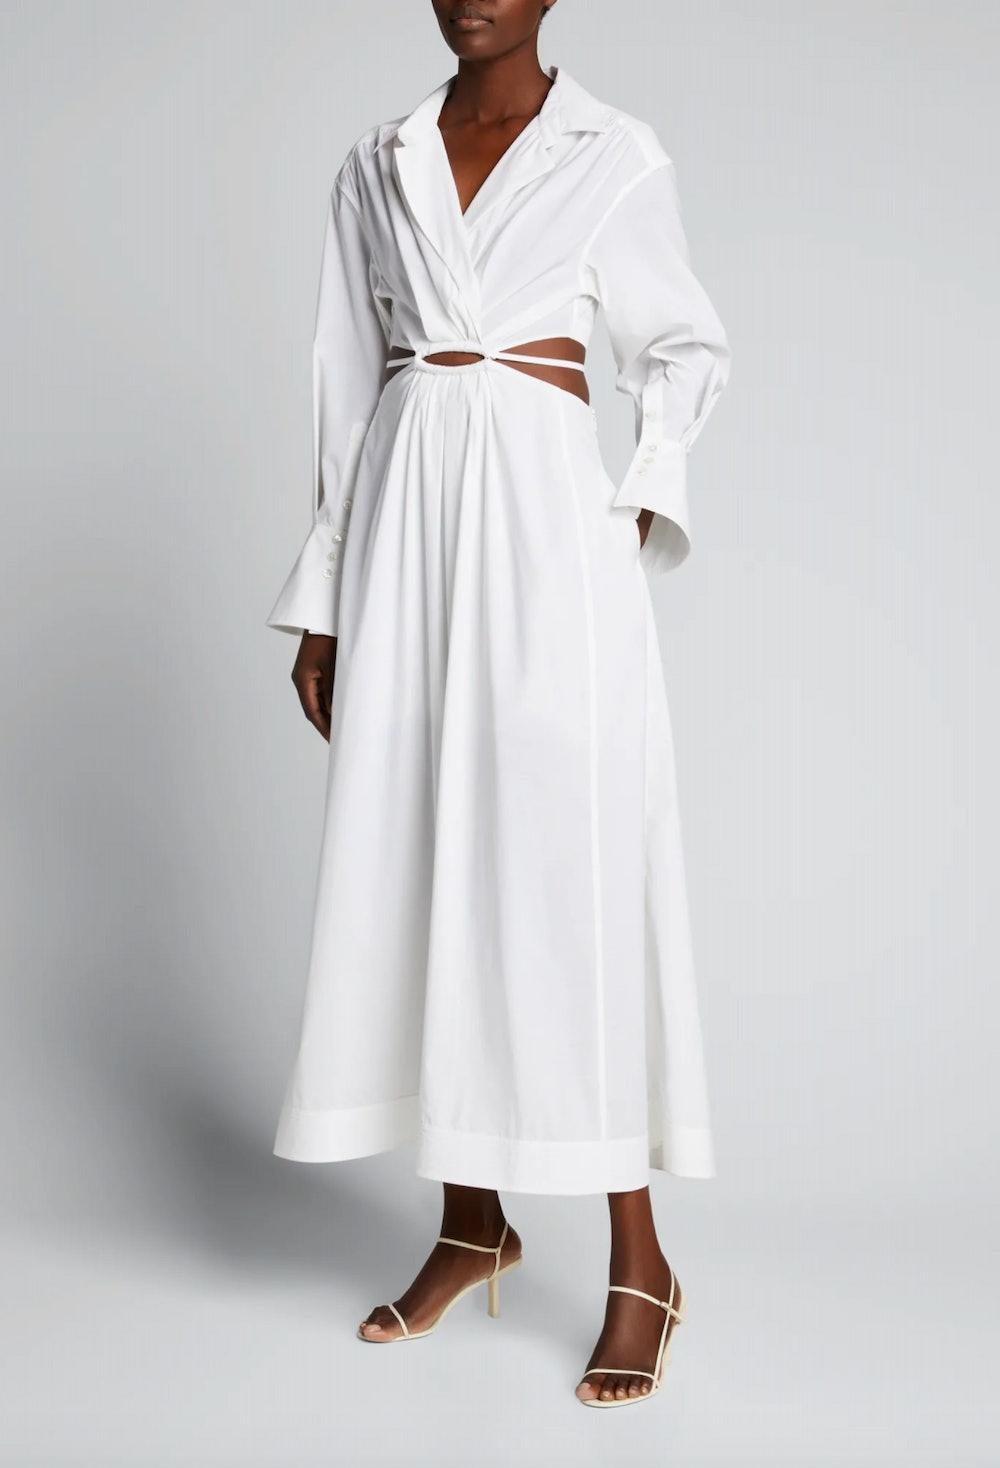 Alex Pleated Poplin Cutout Maxi Dress